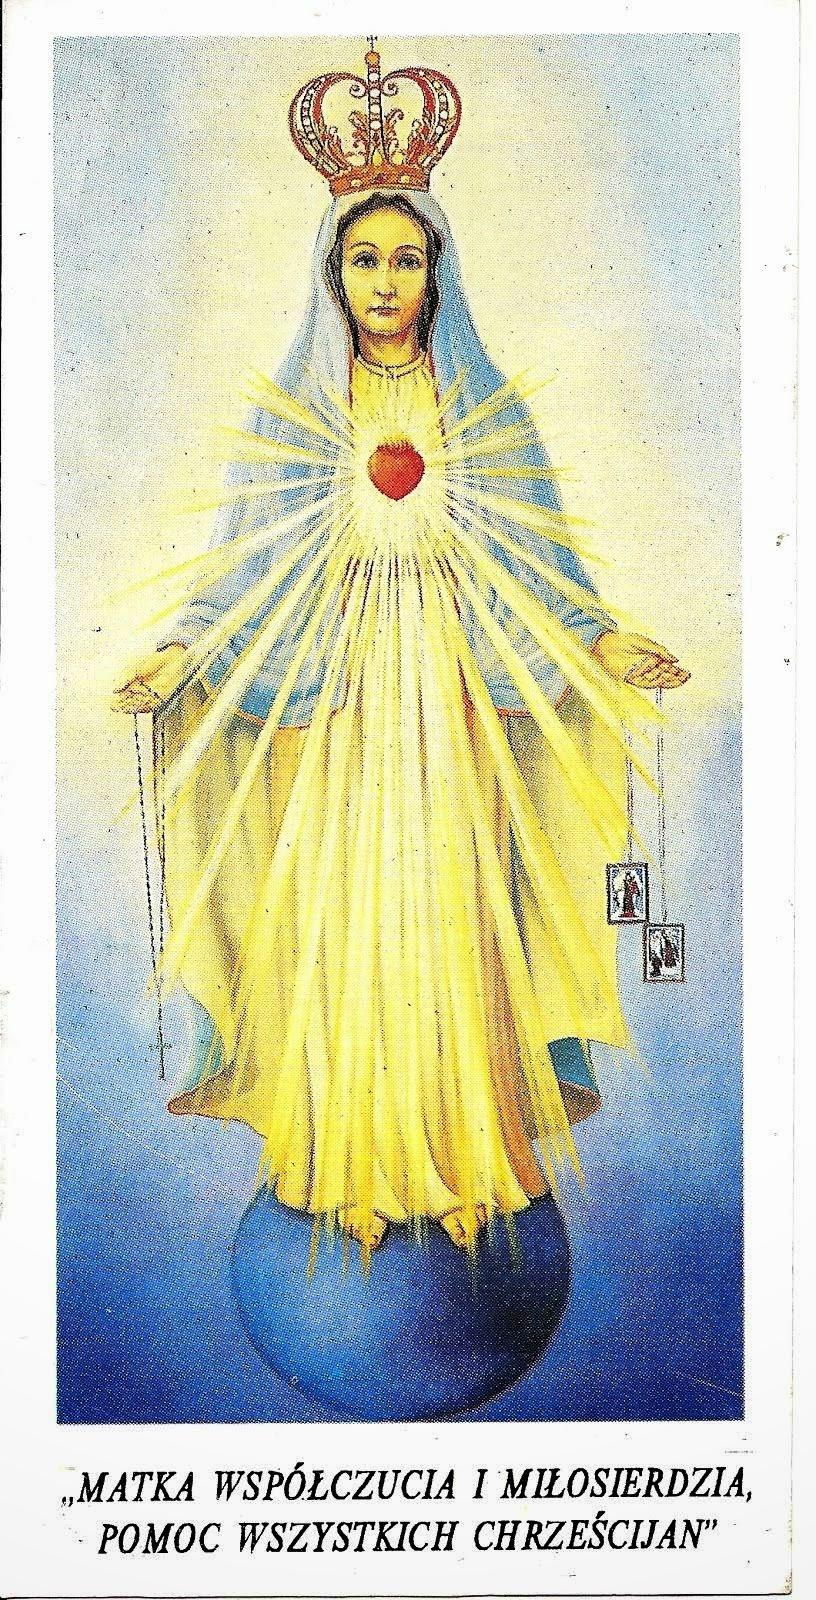 Matka Współczucia i Miłosierdzia, Wspomożycielka Chrześcijan